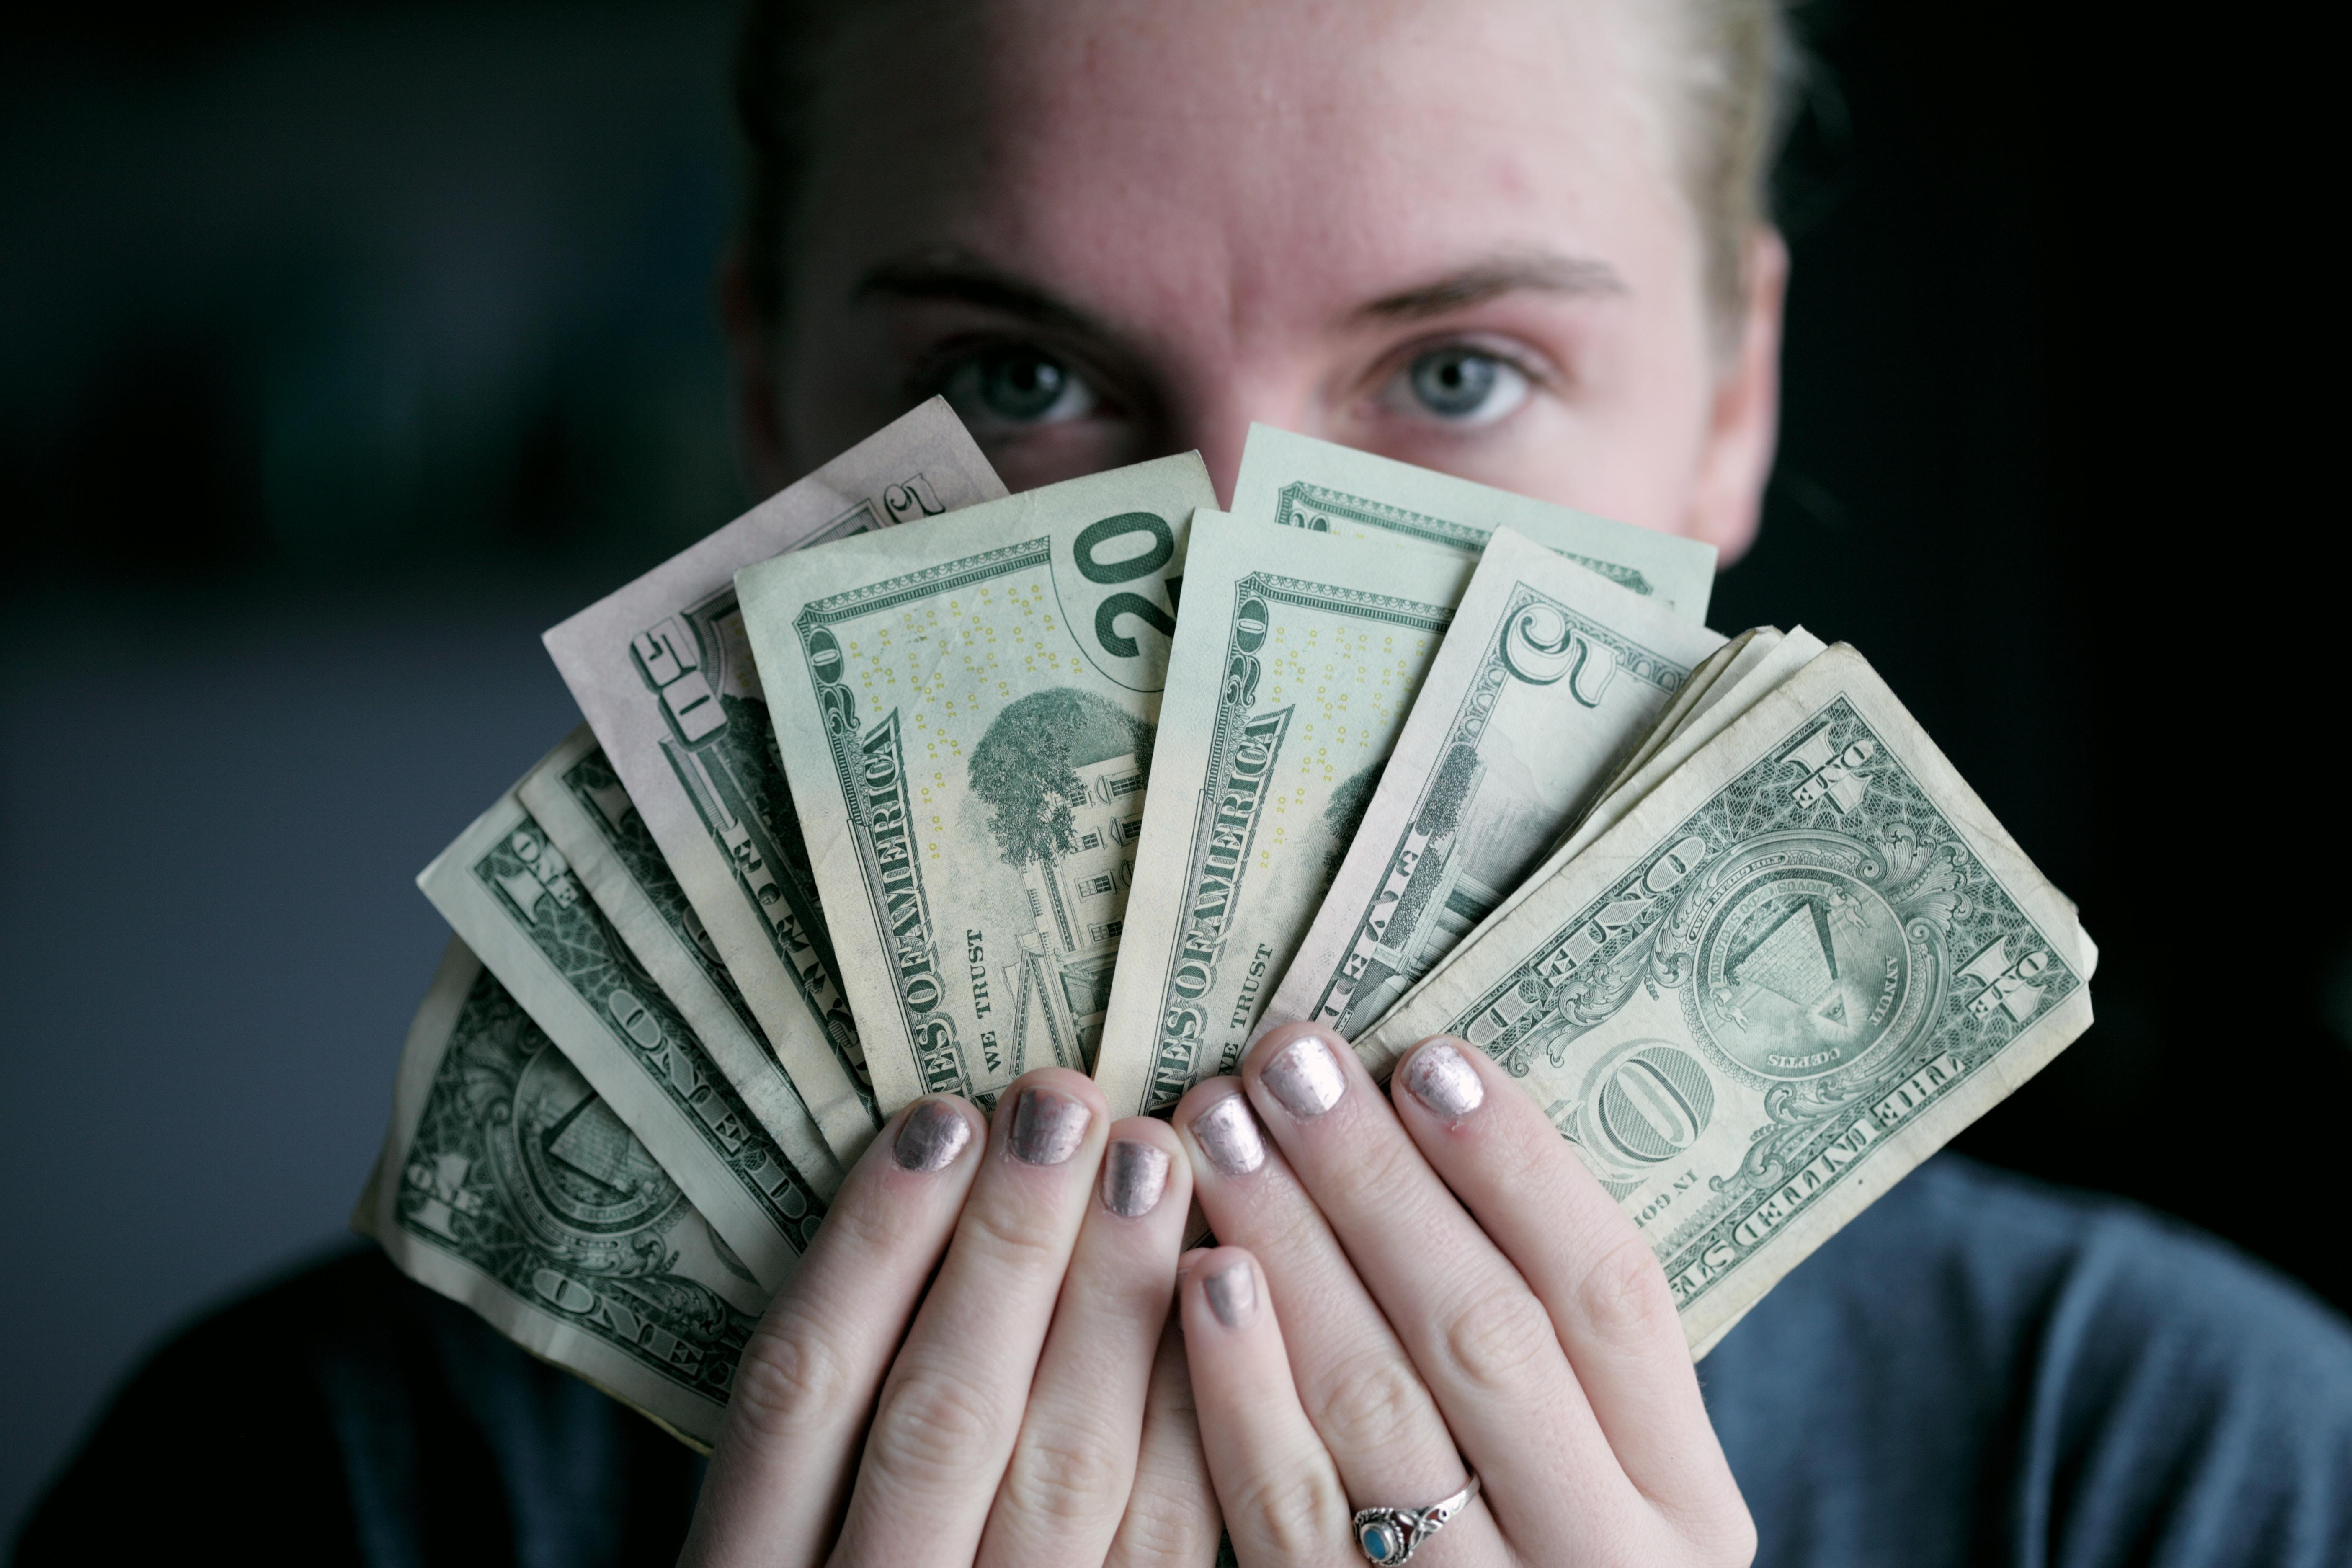 Как сделать первый депозит для заработка в интернете. Работа дома, зарабатывая на бирже.